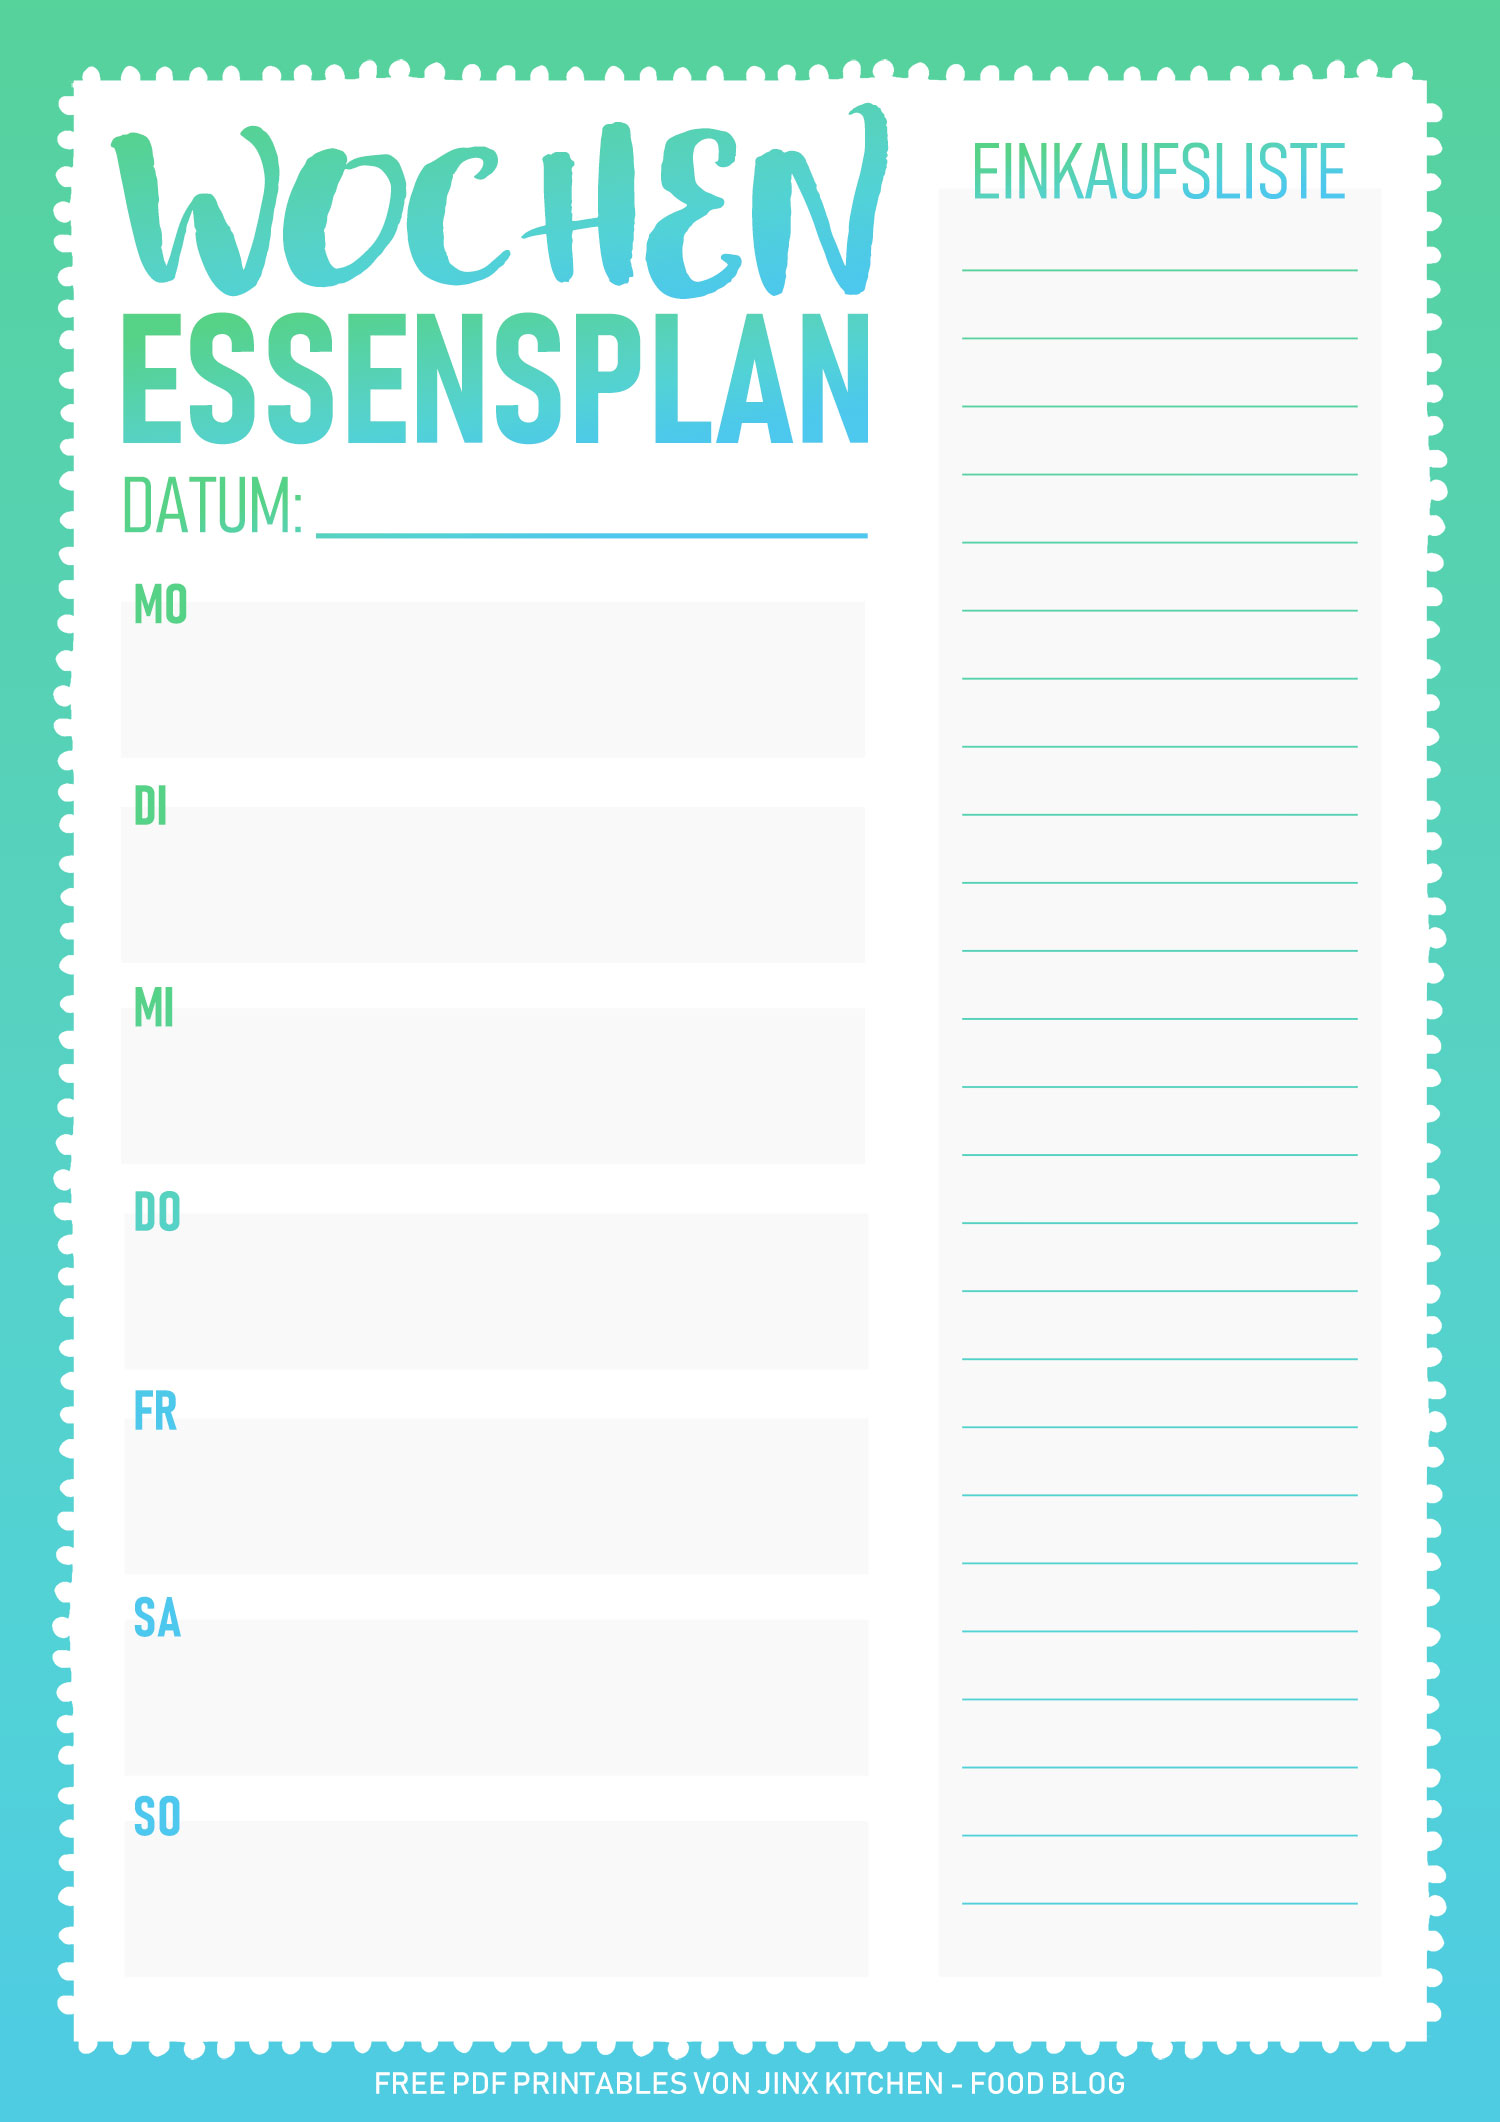 Kostenlos PDF Printable Meal Planner Essensplan Gradient